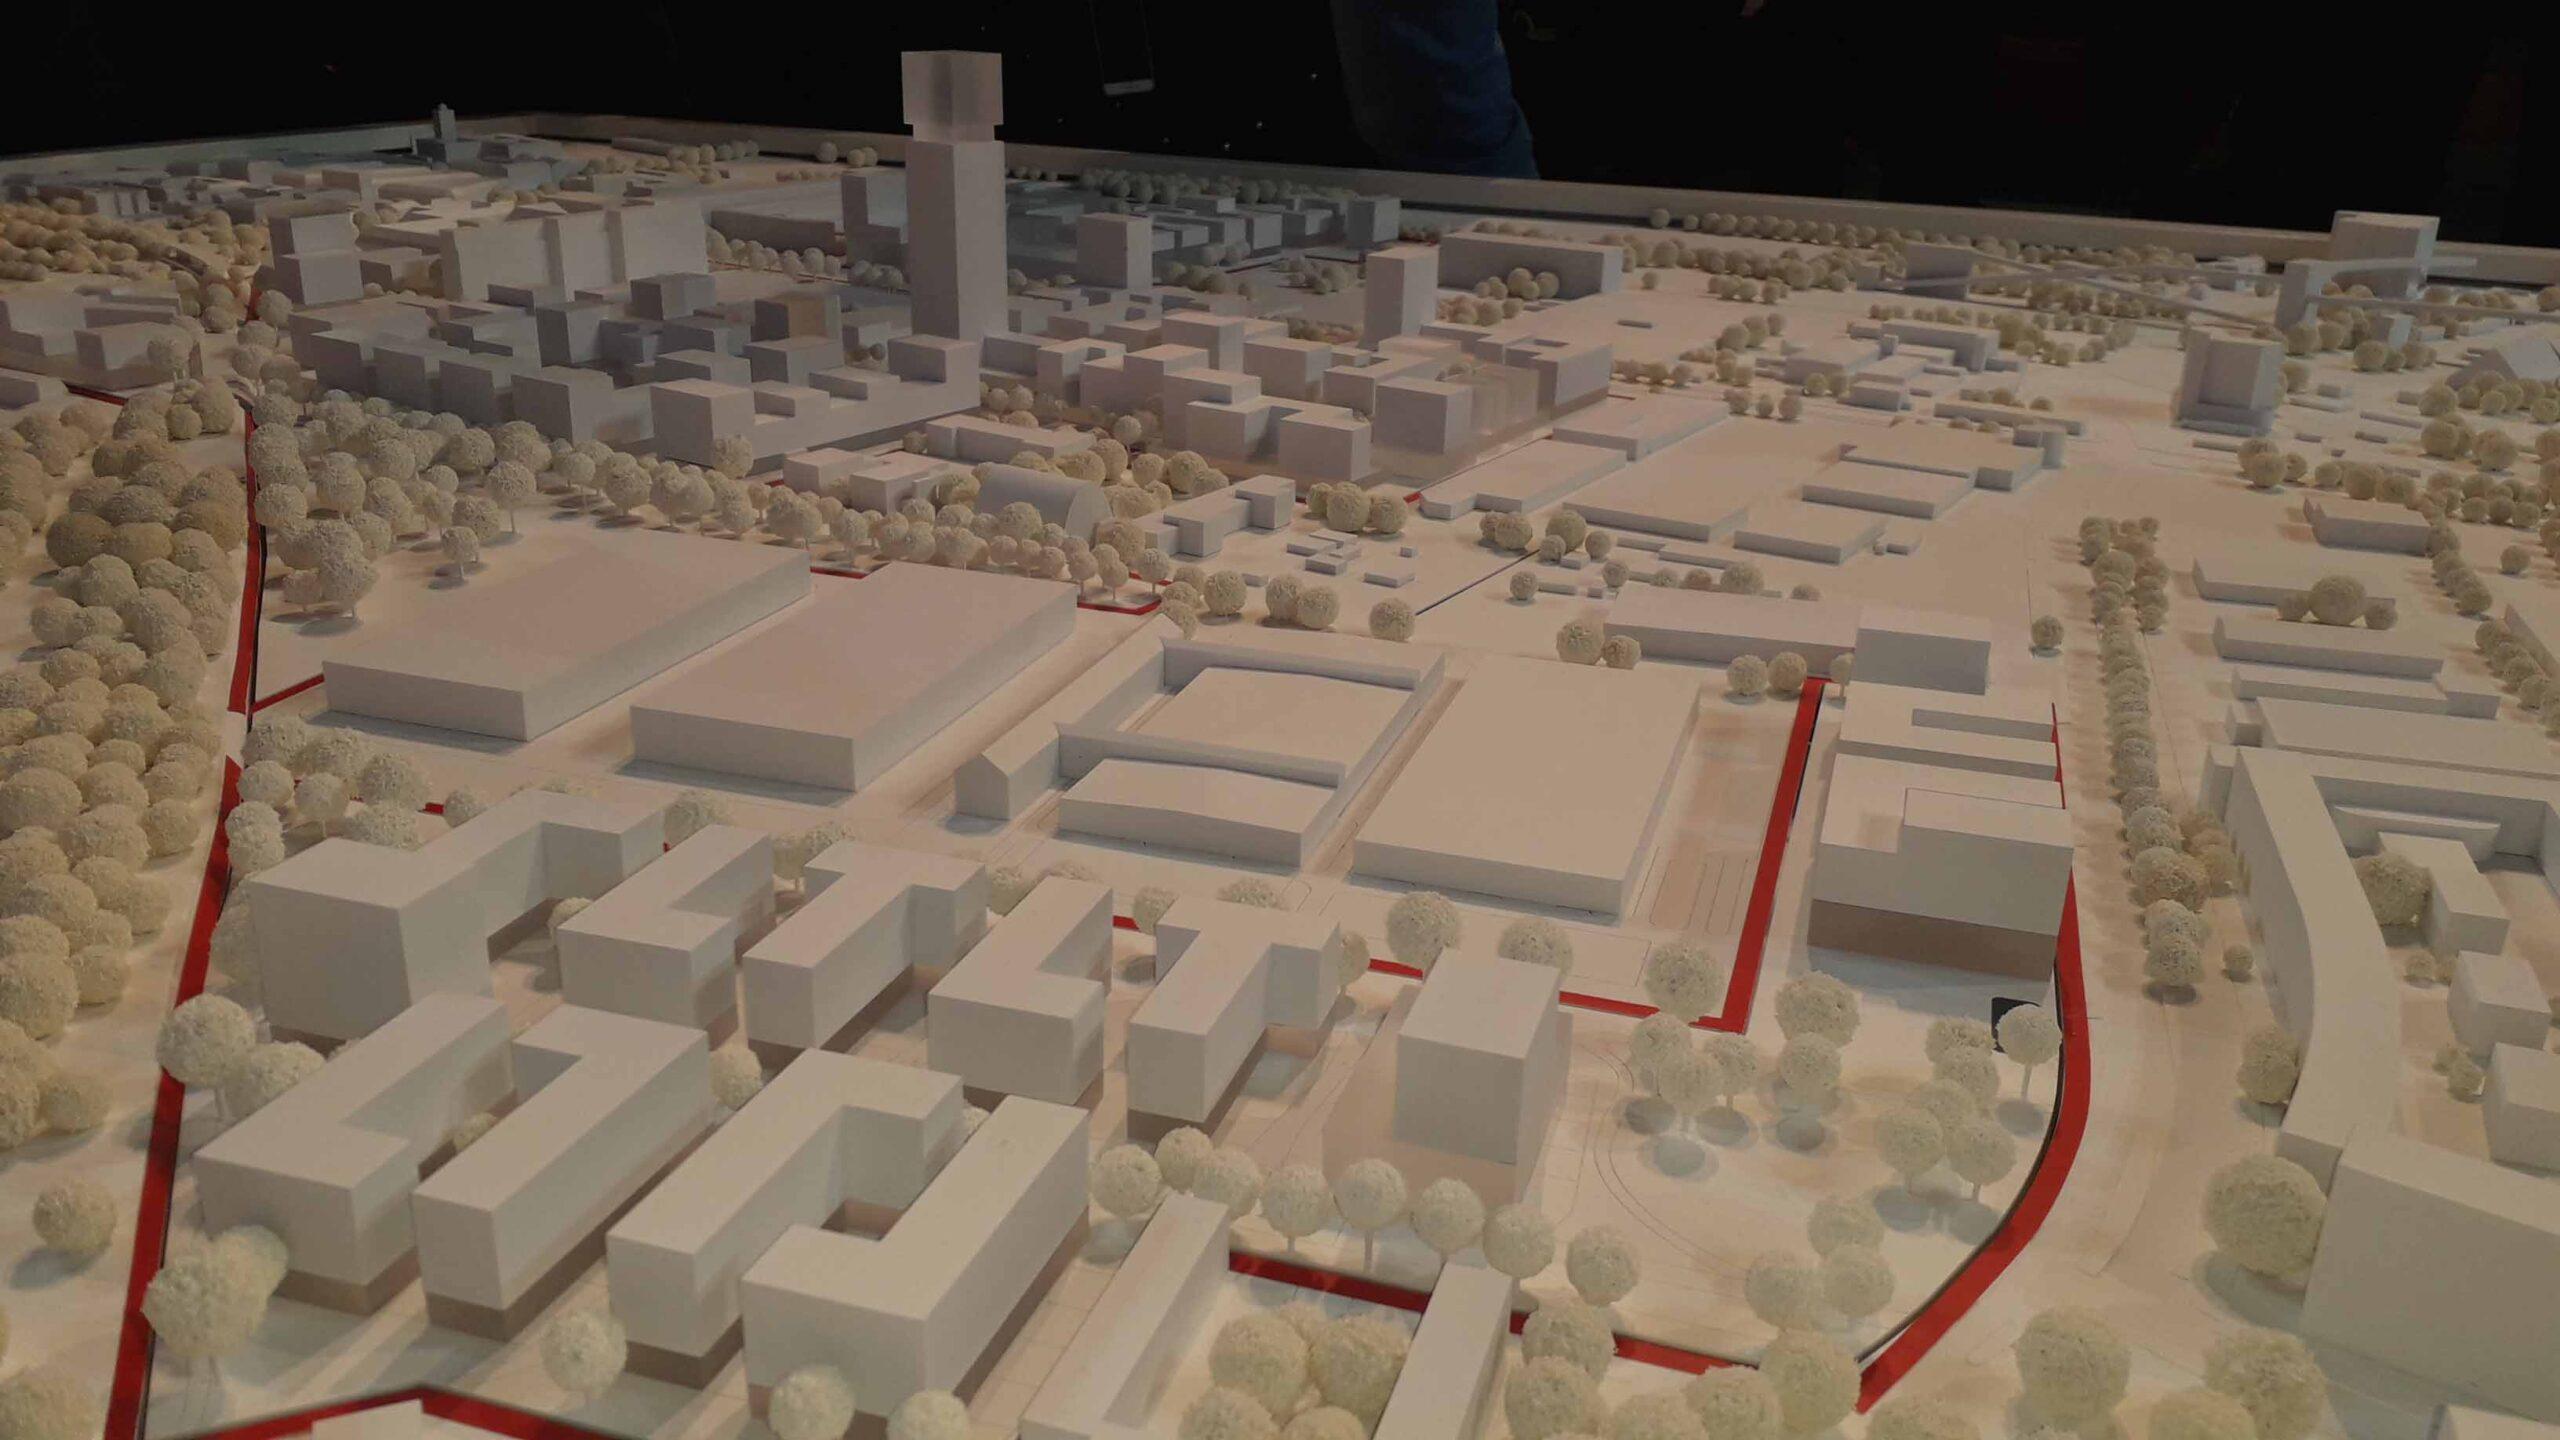 Berlin-Spandau: Plan für Siemensstadt 2.0 löst Angst vor Verdrängung aus